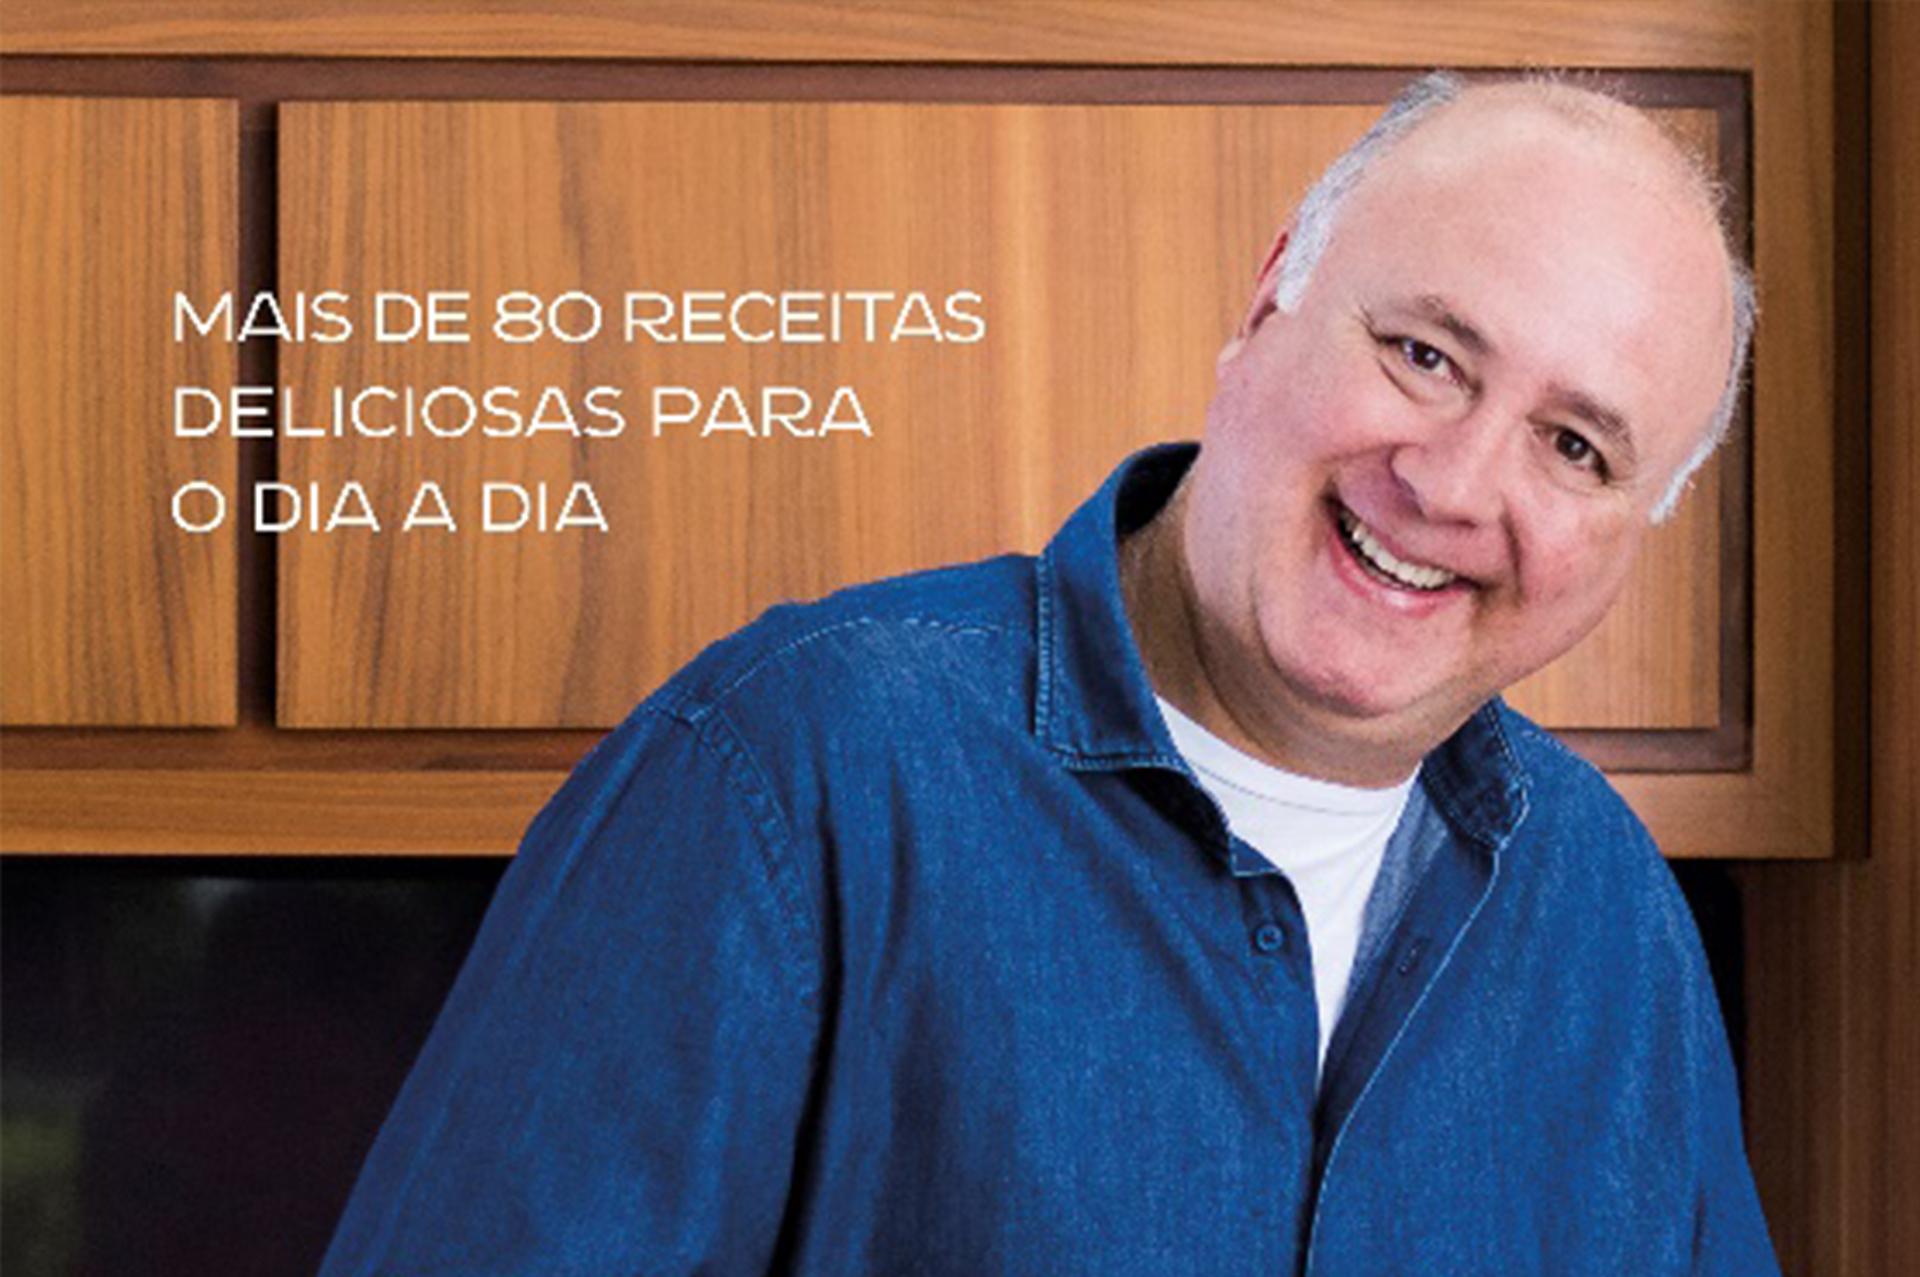 Da TV à mesa: livro reúne receitas de sucesso do conhecido chef Daniel Bork